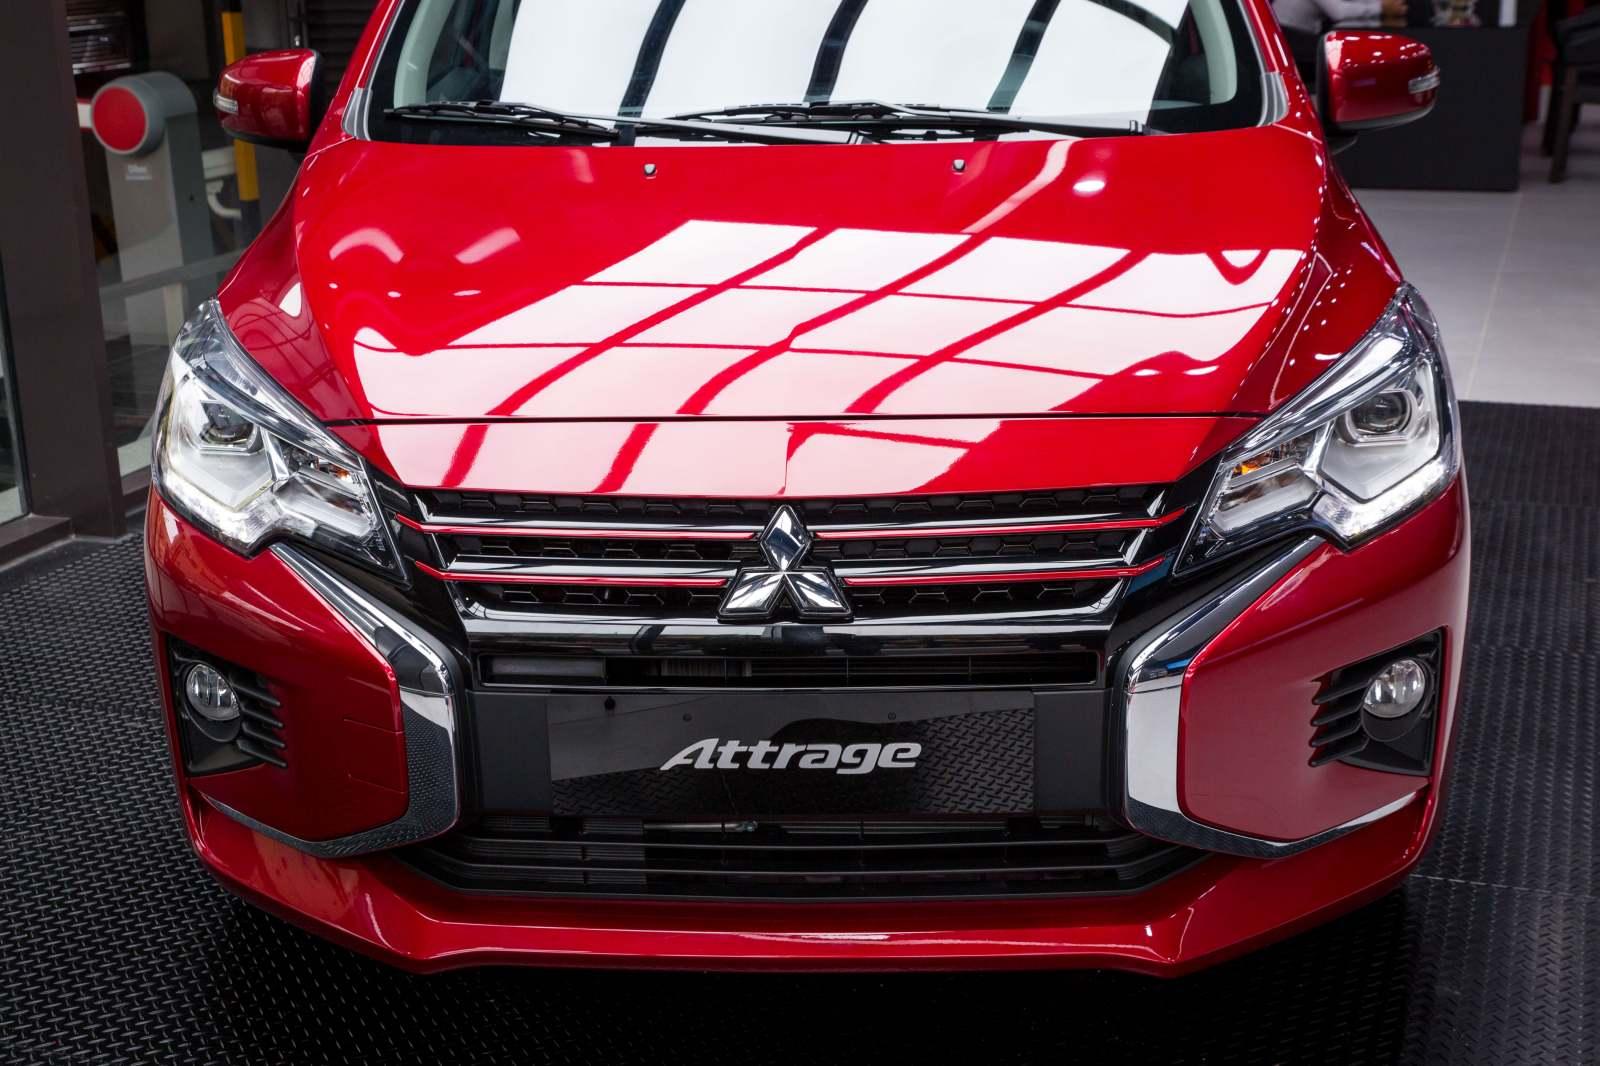 Mitsubishi Attrage 2020 ra mắt tại VN, giá từ 375 triệu - 4